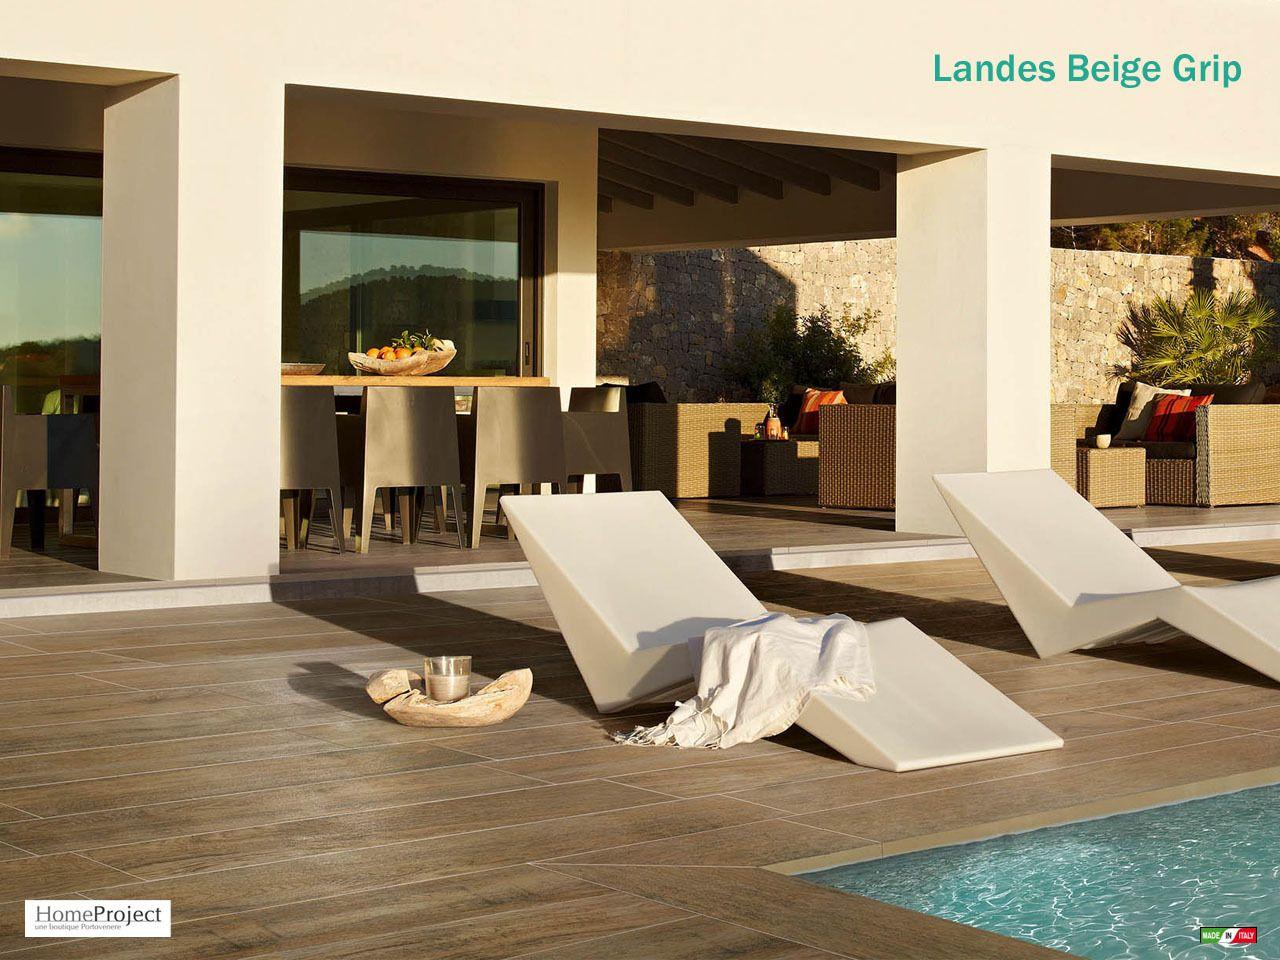 Carrelage ext rieur parquet landes beige 16x99 5 cm grip - Terrasse carrelage imitation bois ...